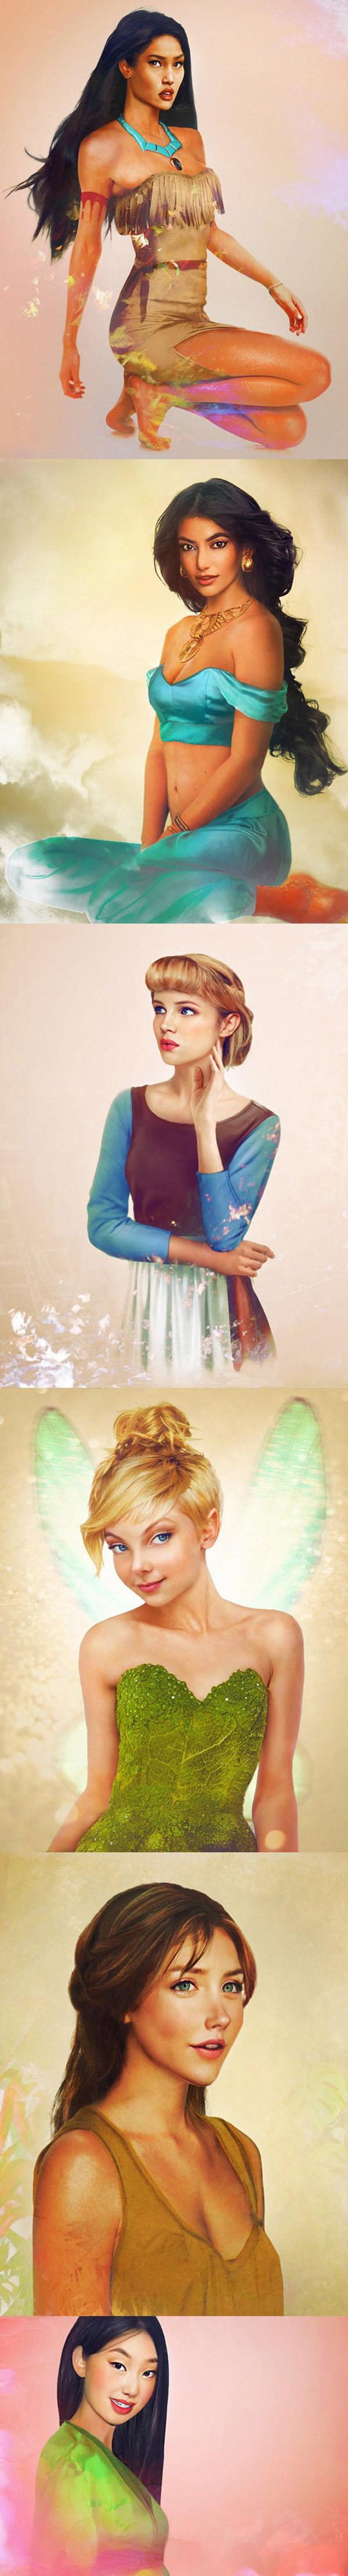 Personajes femeninos de Disney reales